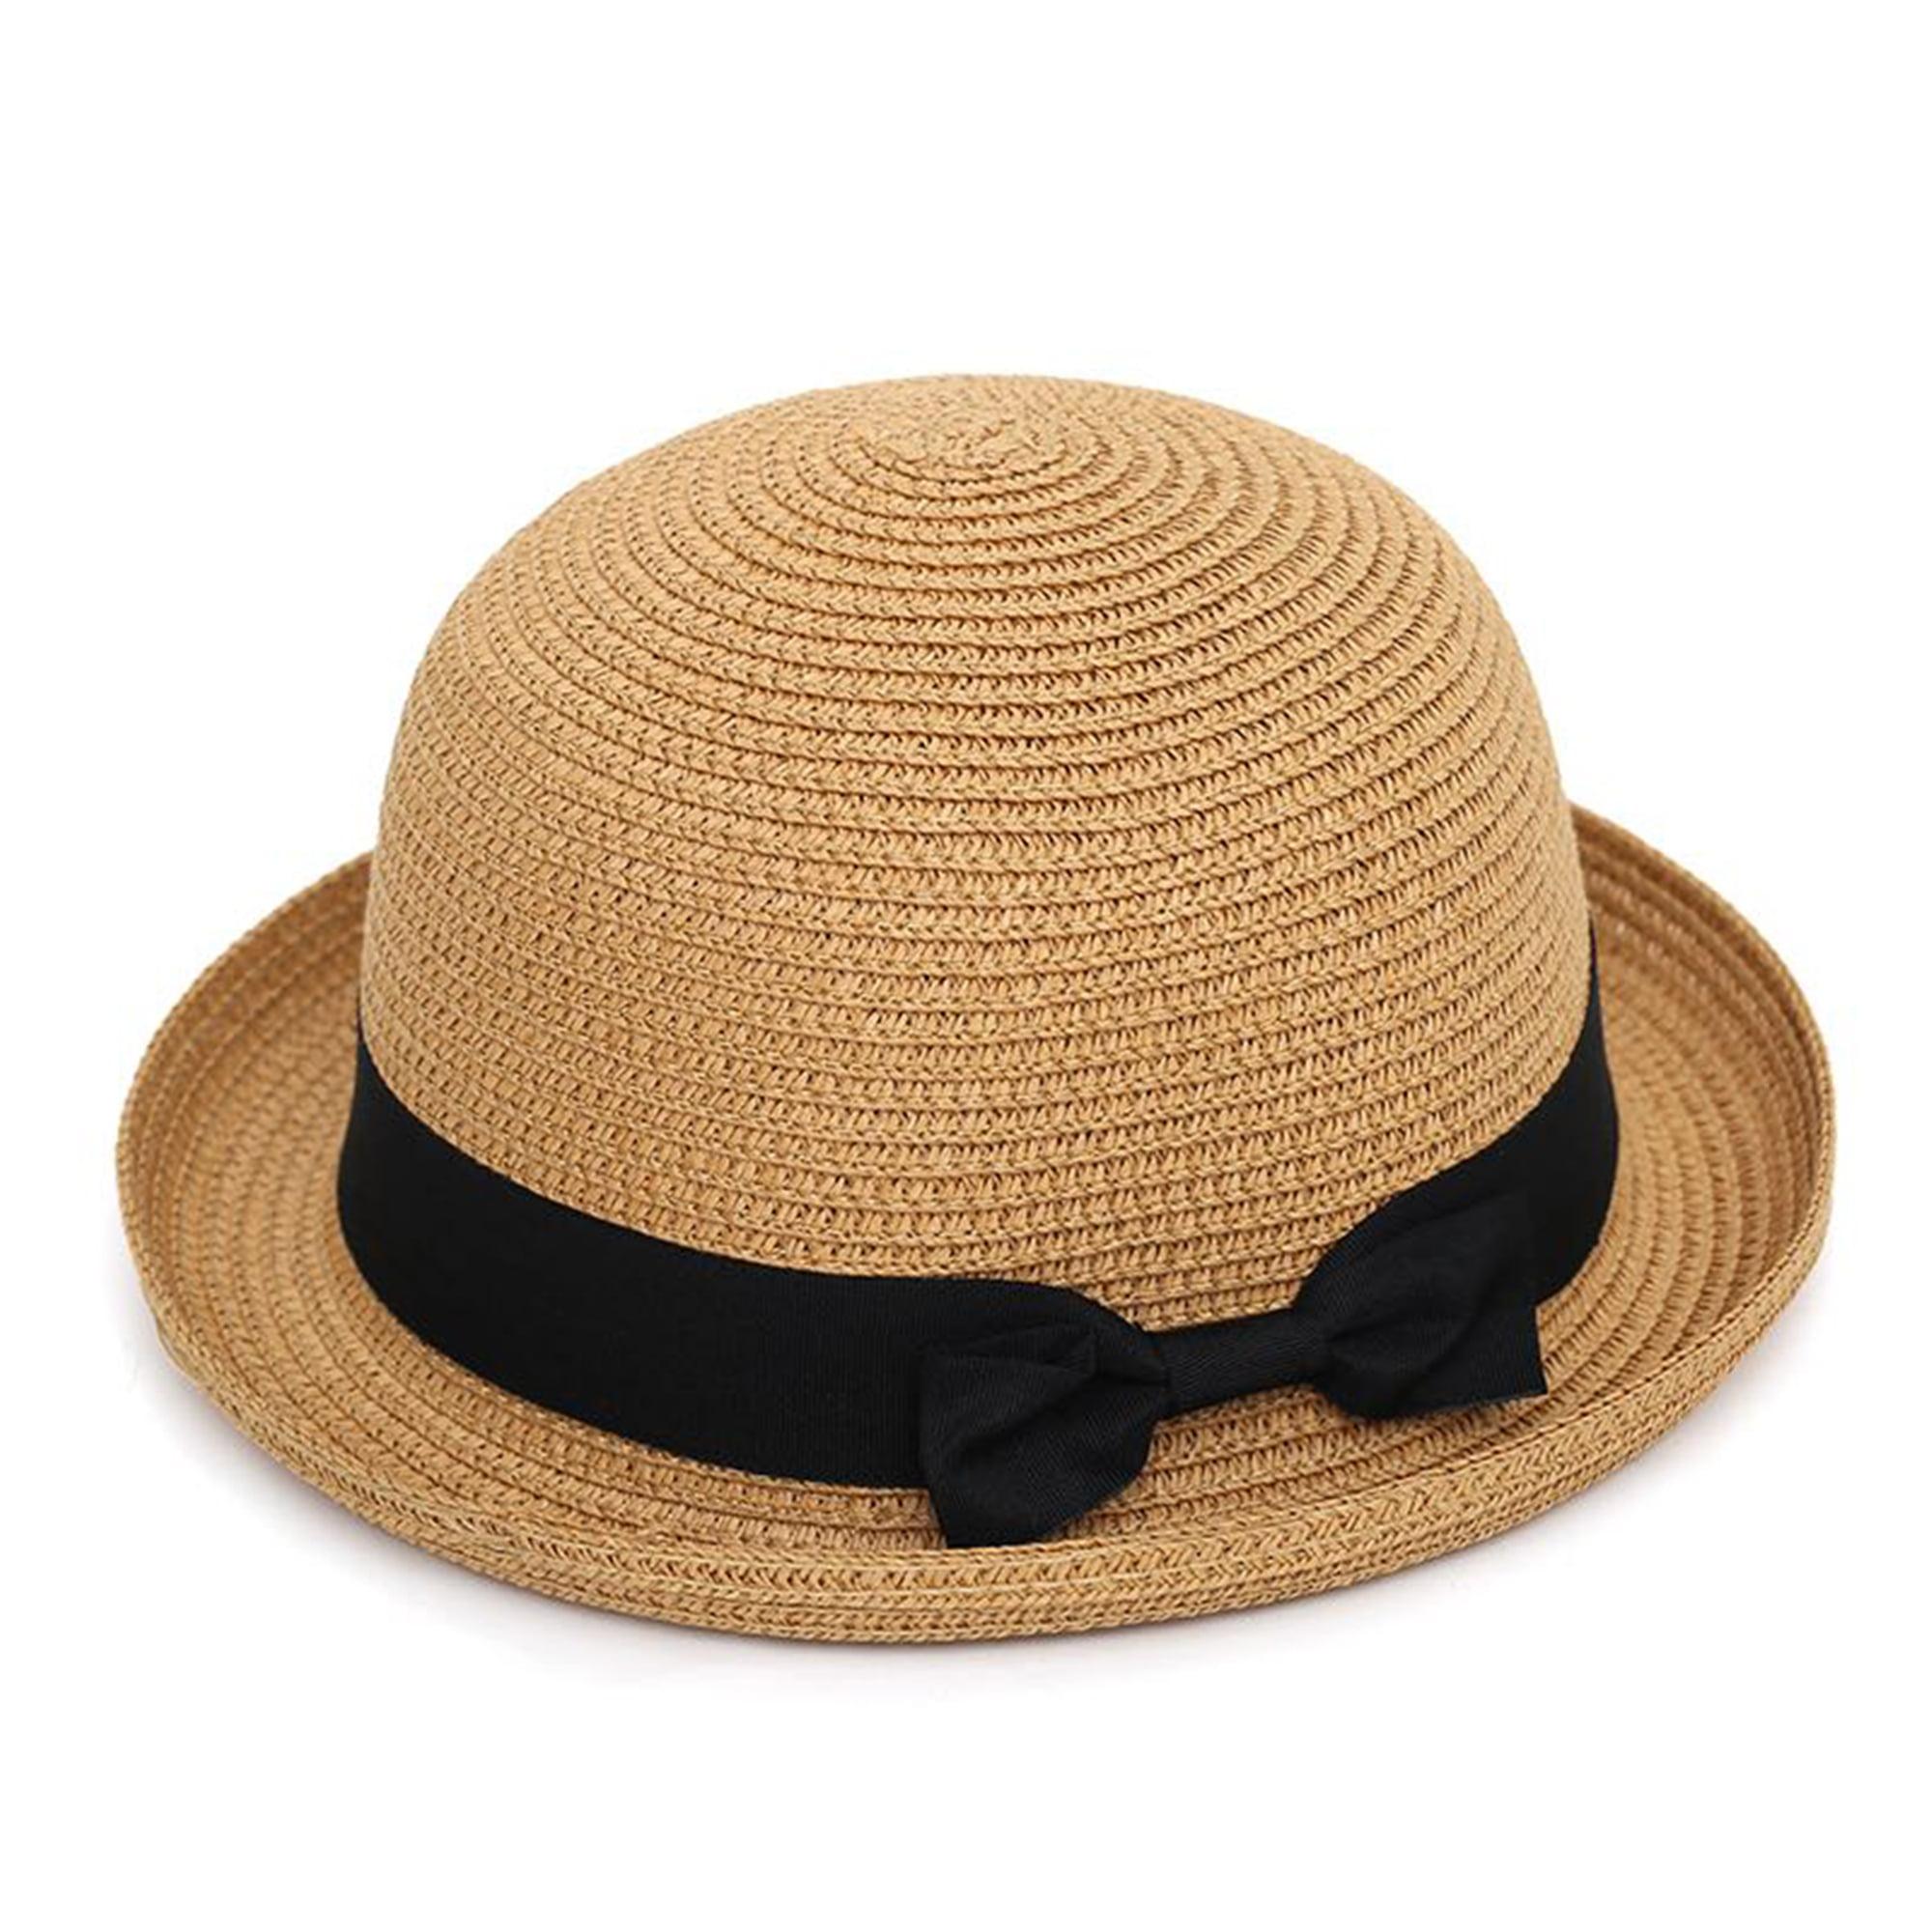 Soft Round Bowler Hat